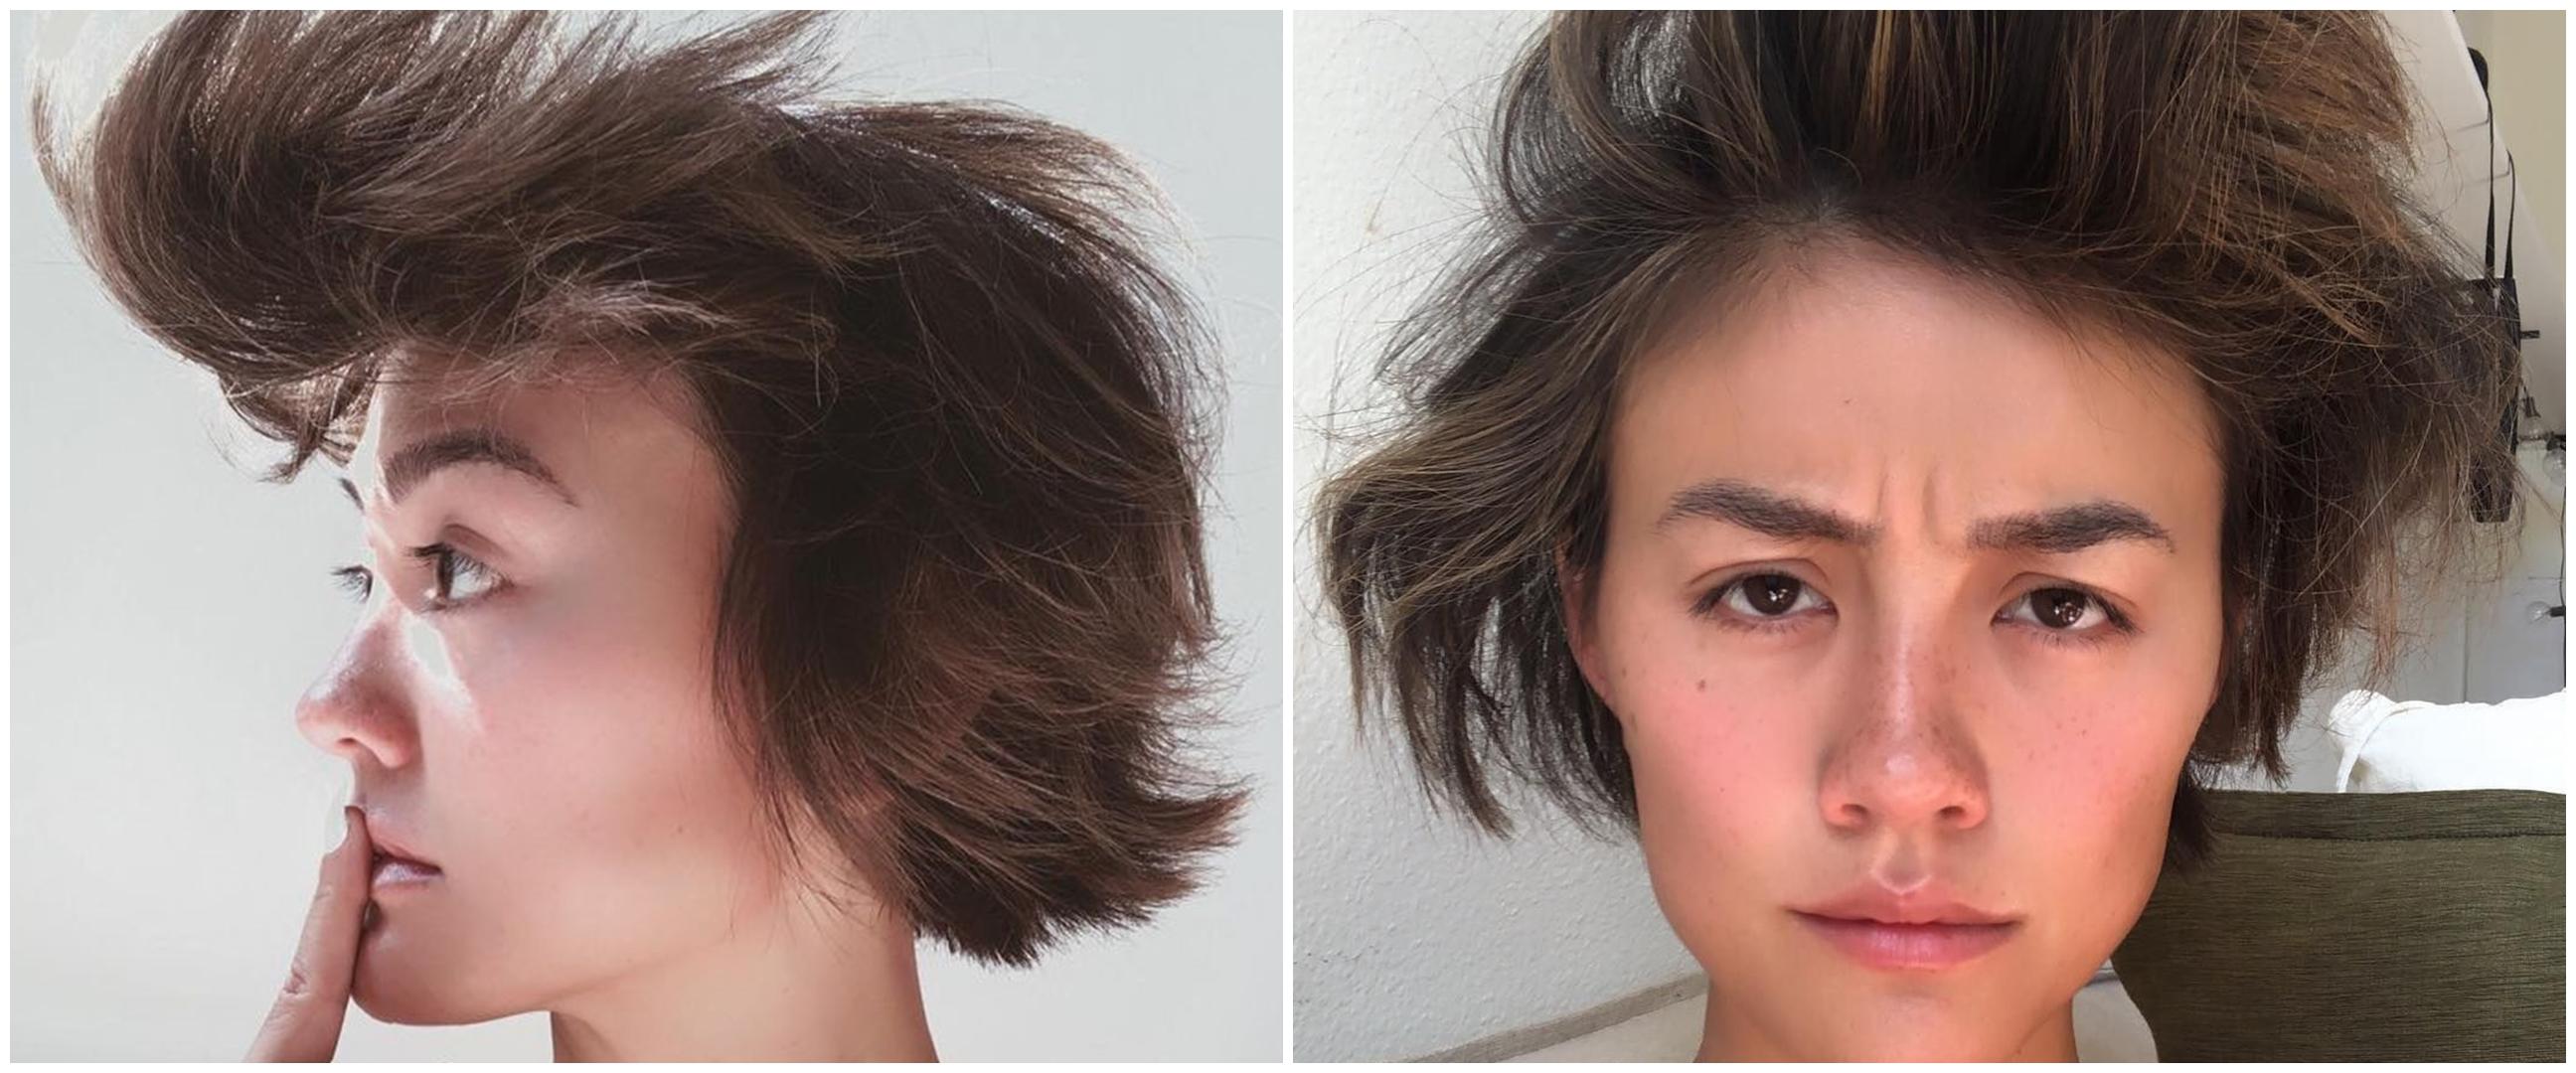 Potret rambut 7 seleb cantik saat baru bangun tidur, tetap cetar